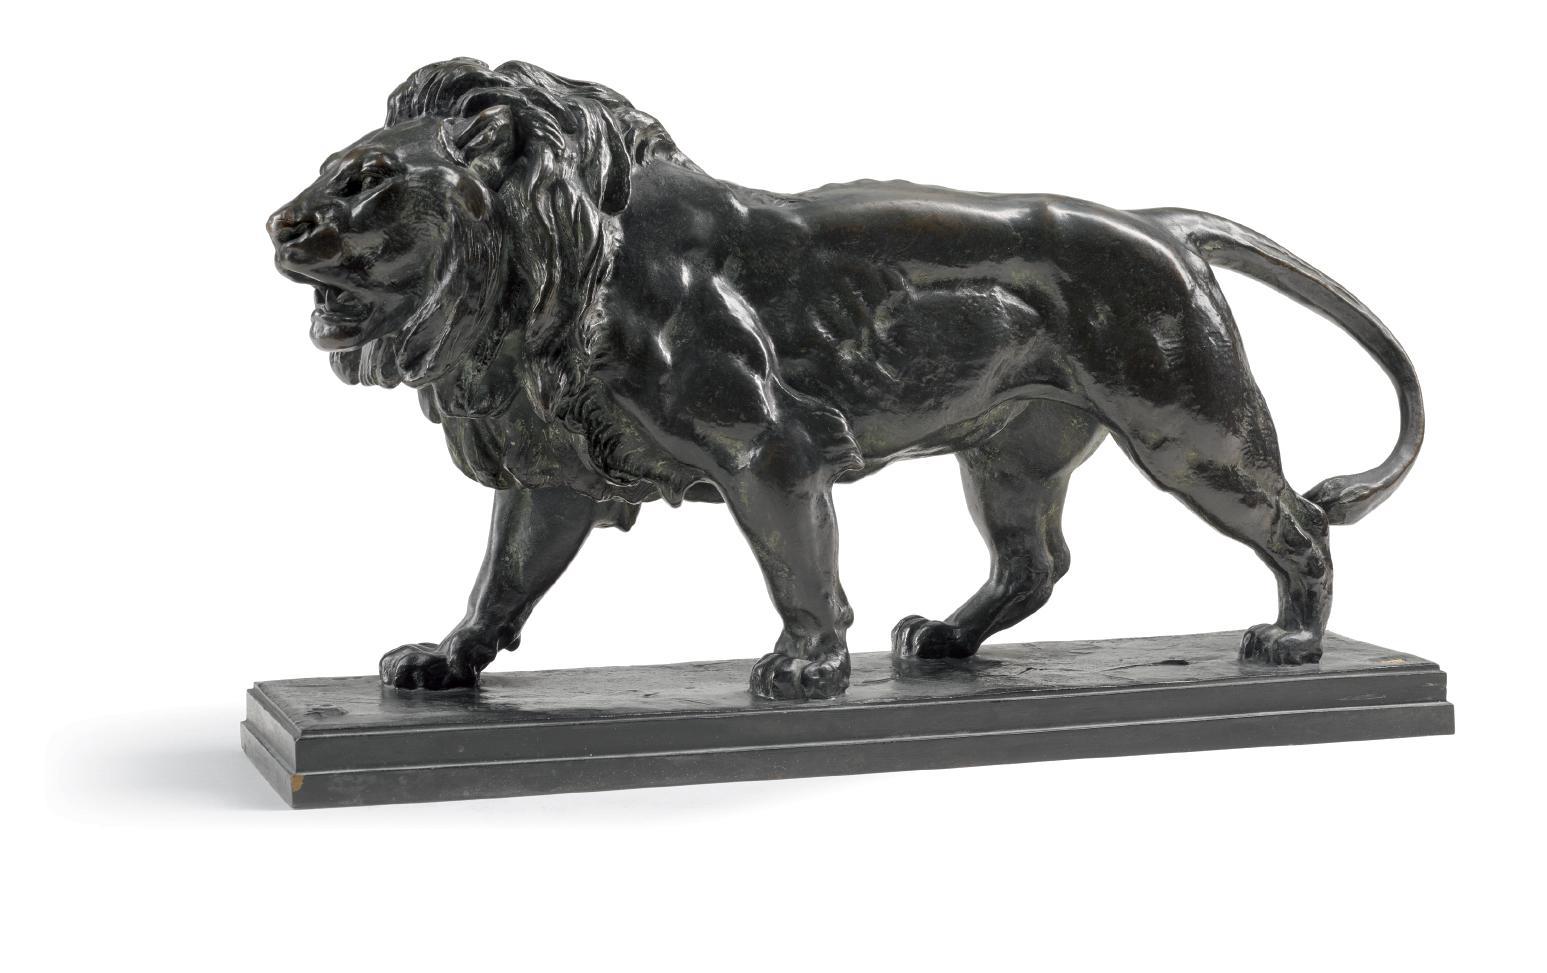 ANTOINE-LOUIS BARYE | LION QUI MARCHE (WALKING LION)